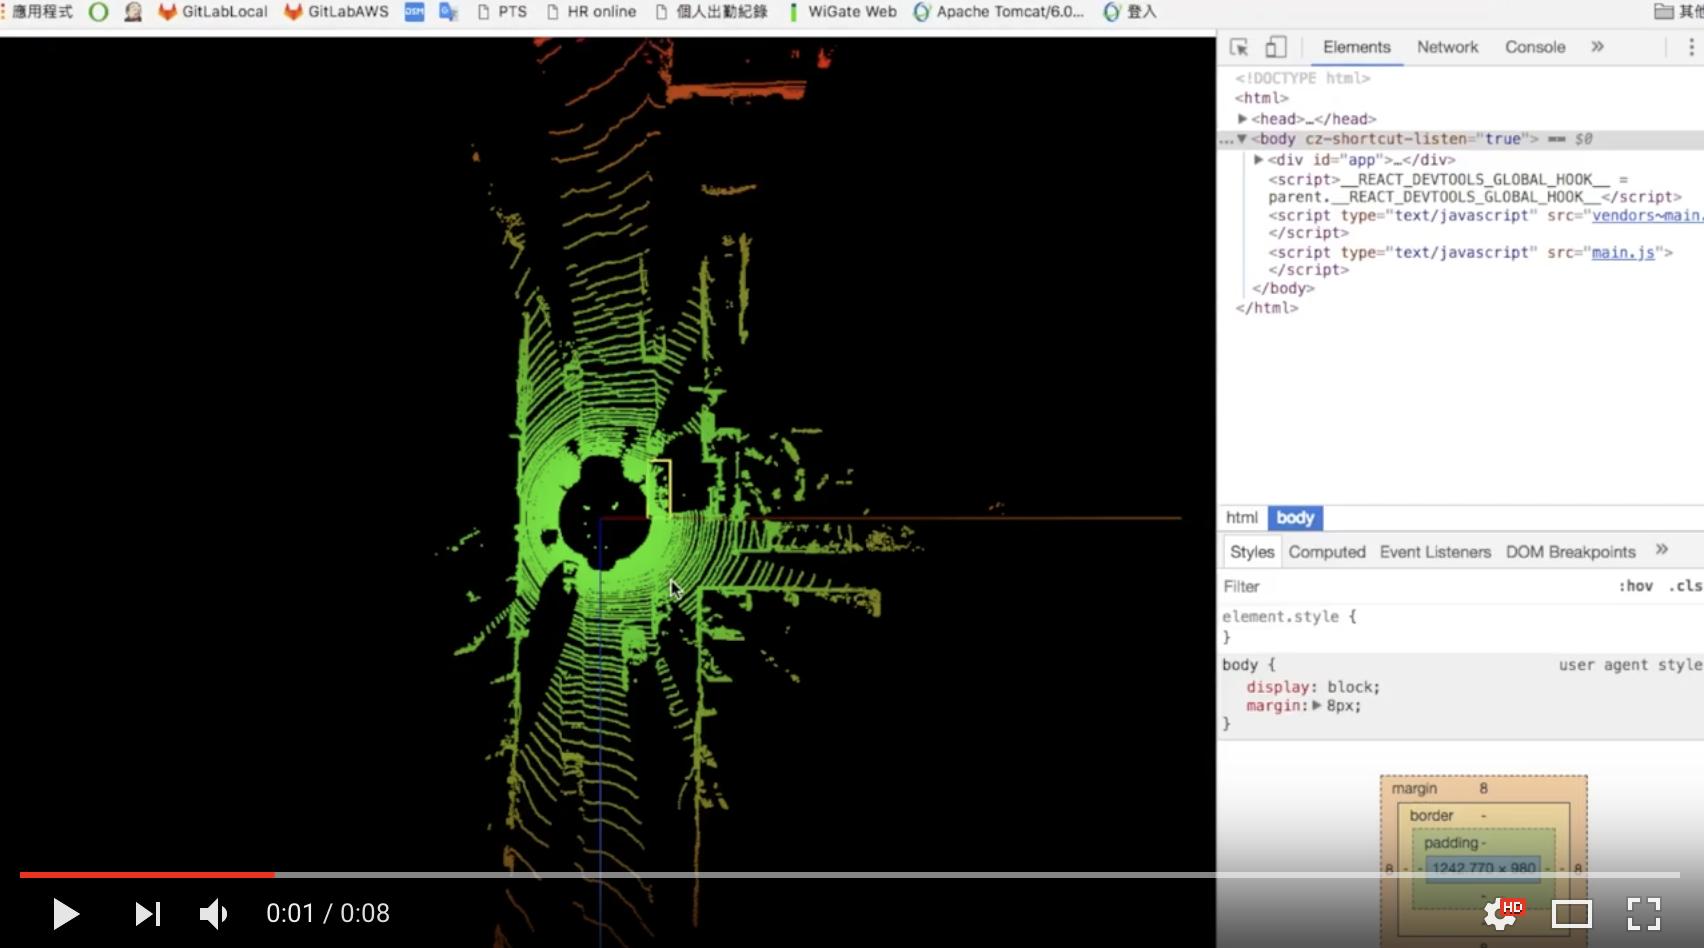 GitHub - chnbohwr/js-velodyne-viewer: use javascript render